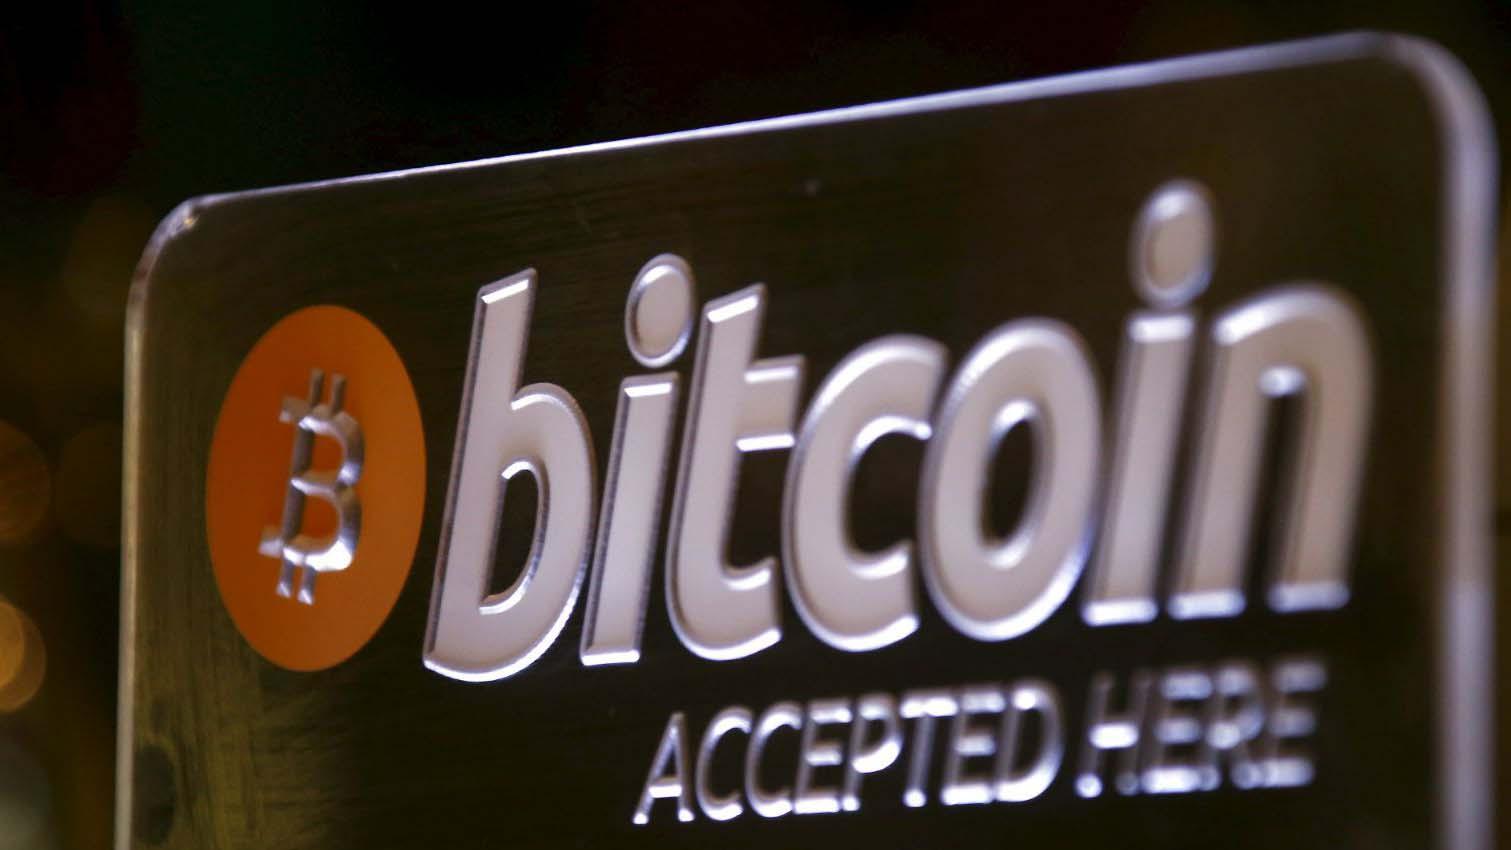 Come accettare pagamenti in bitcoin nella propria attività commerciale